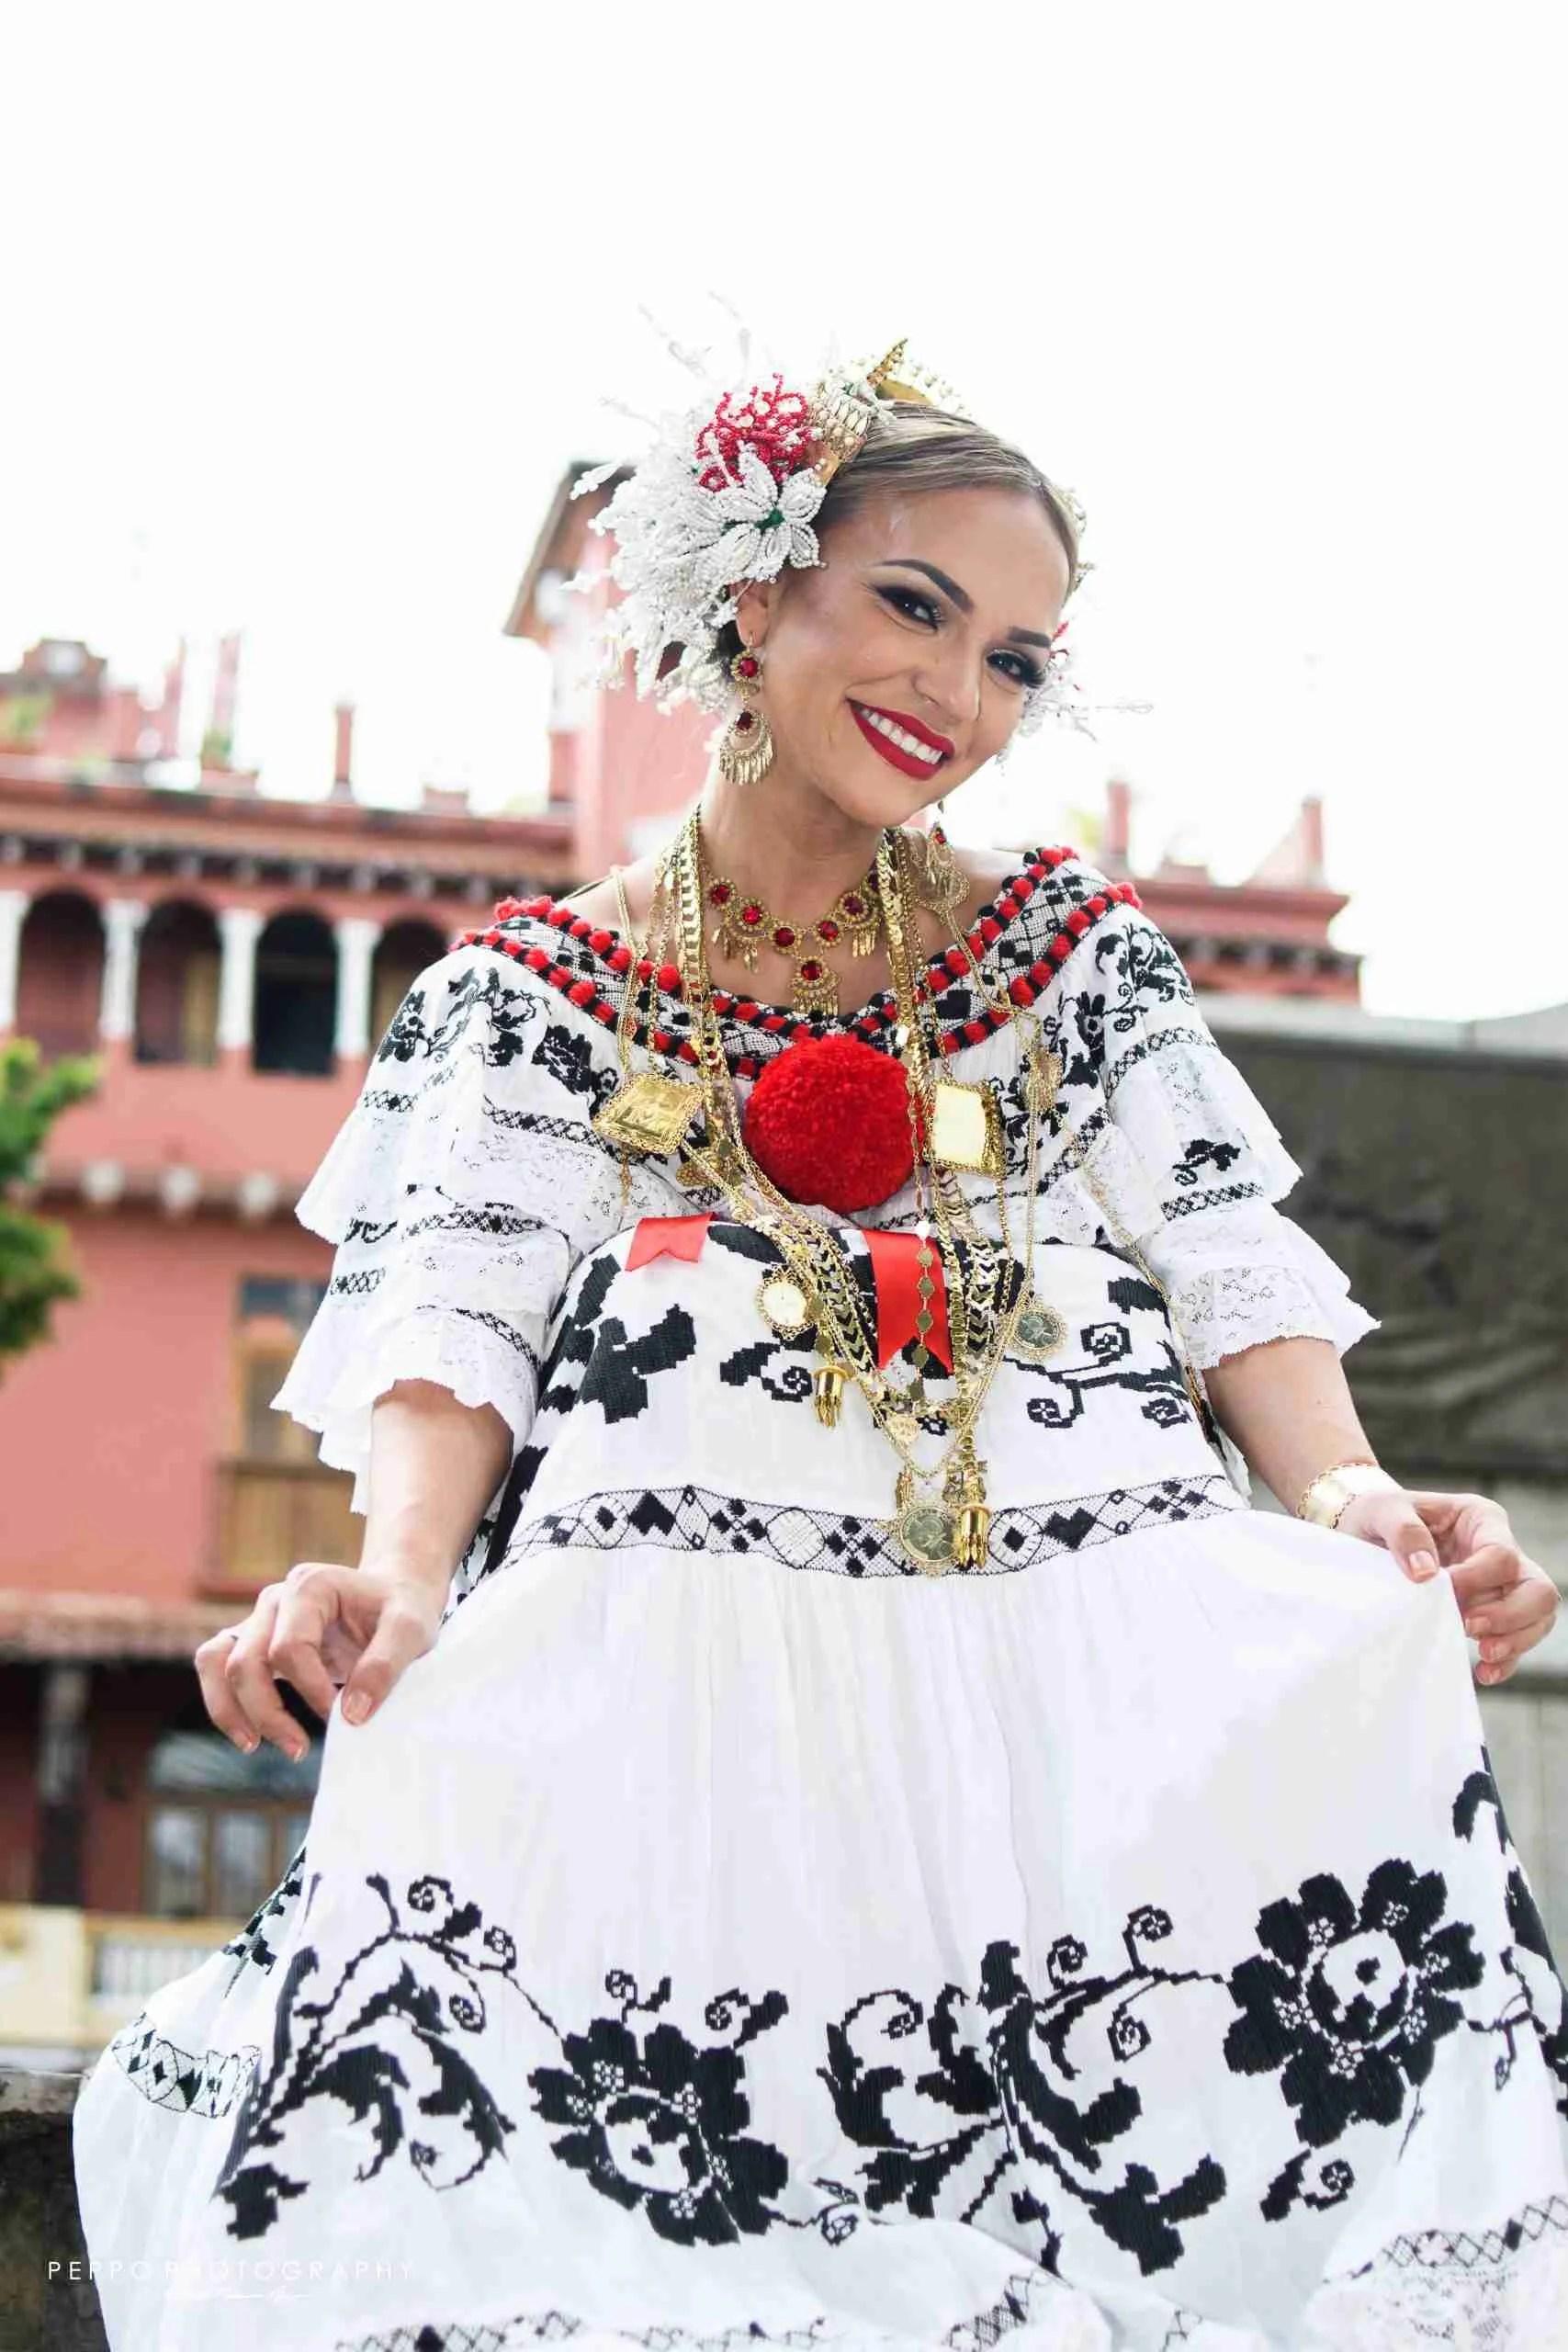 Fotos con pollera de gala por Peppo Photography en Panamá